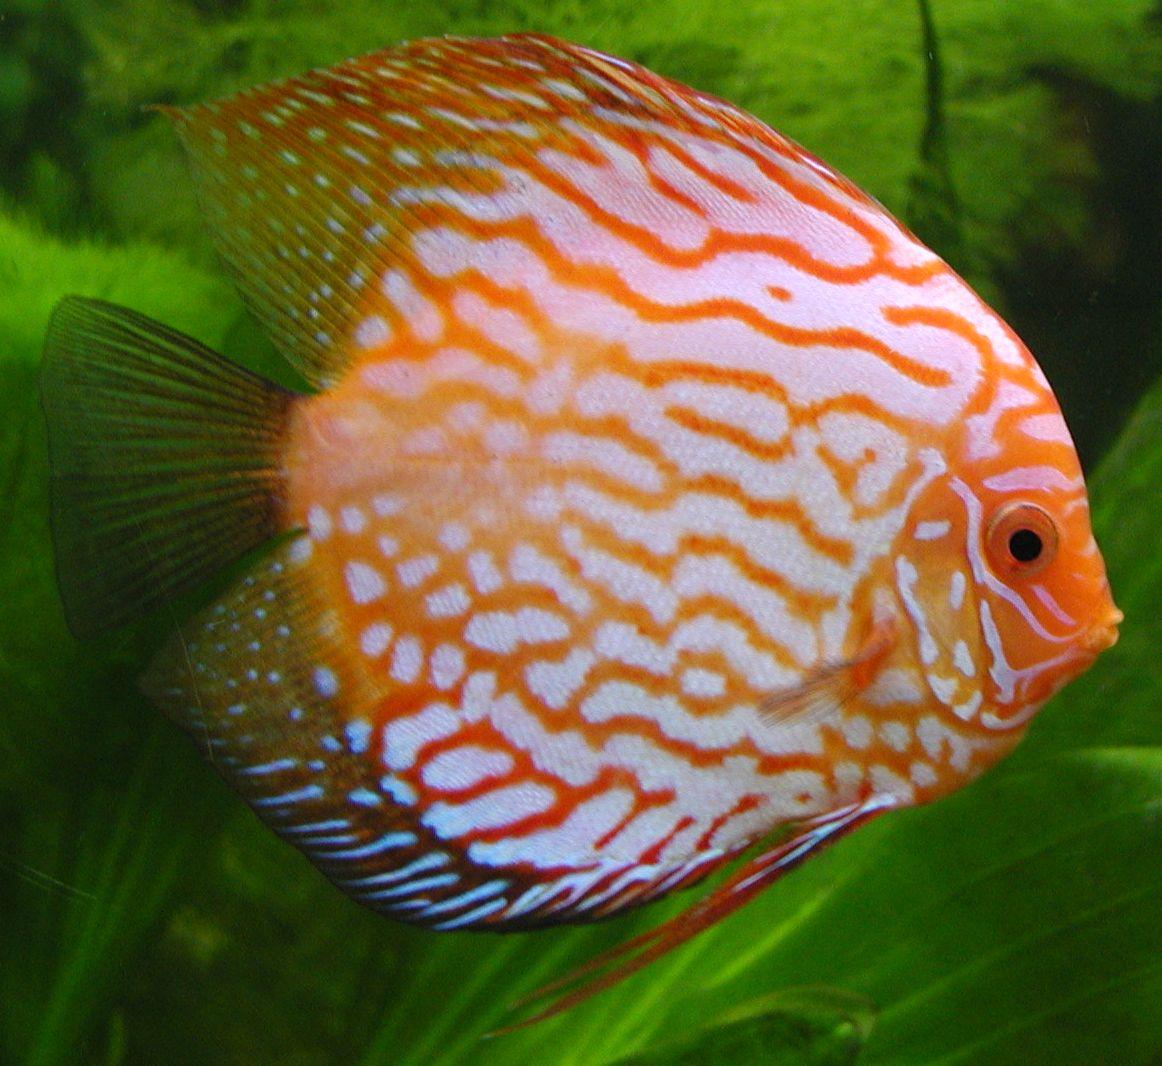 Fish aquarium wiki - Aquarium Fish Portal